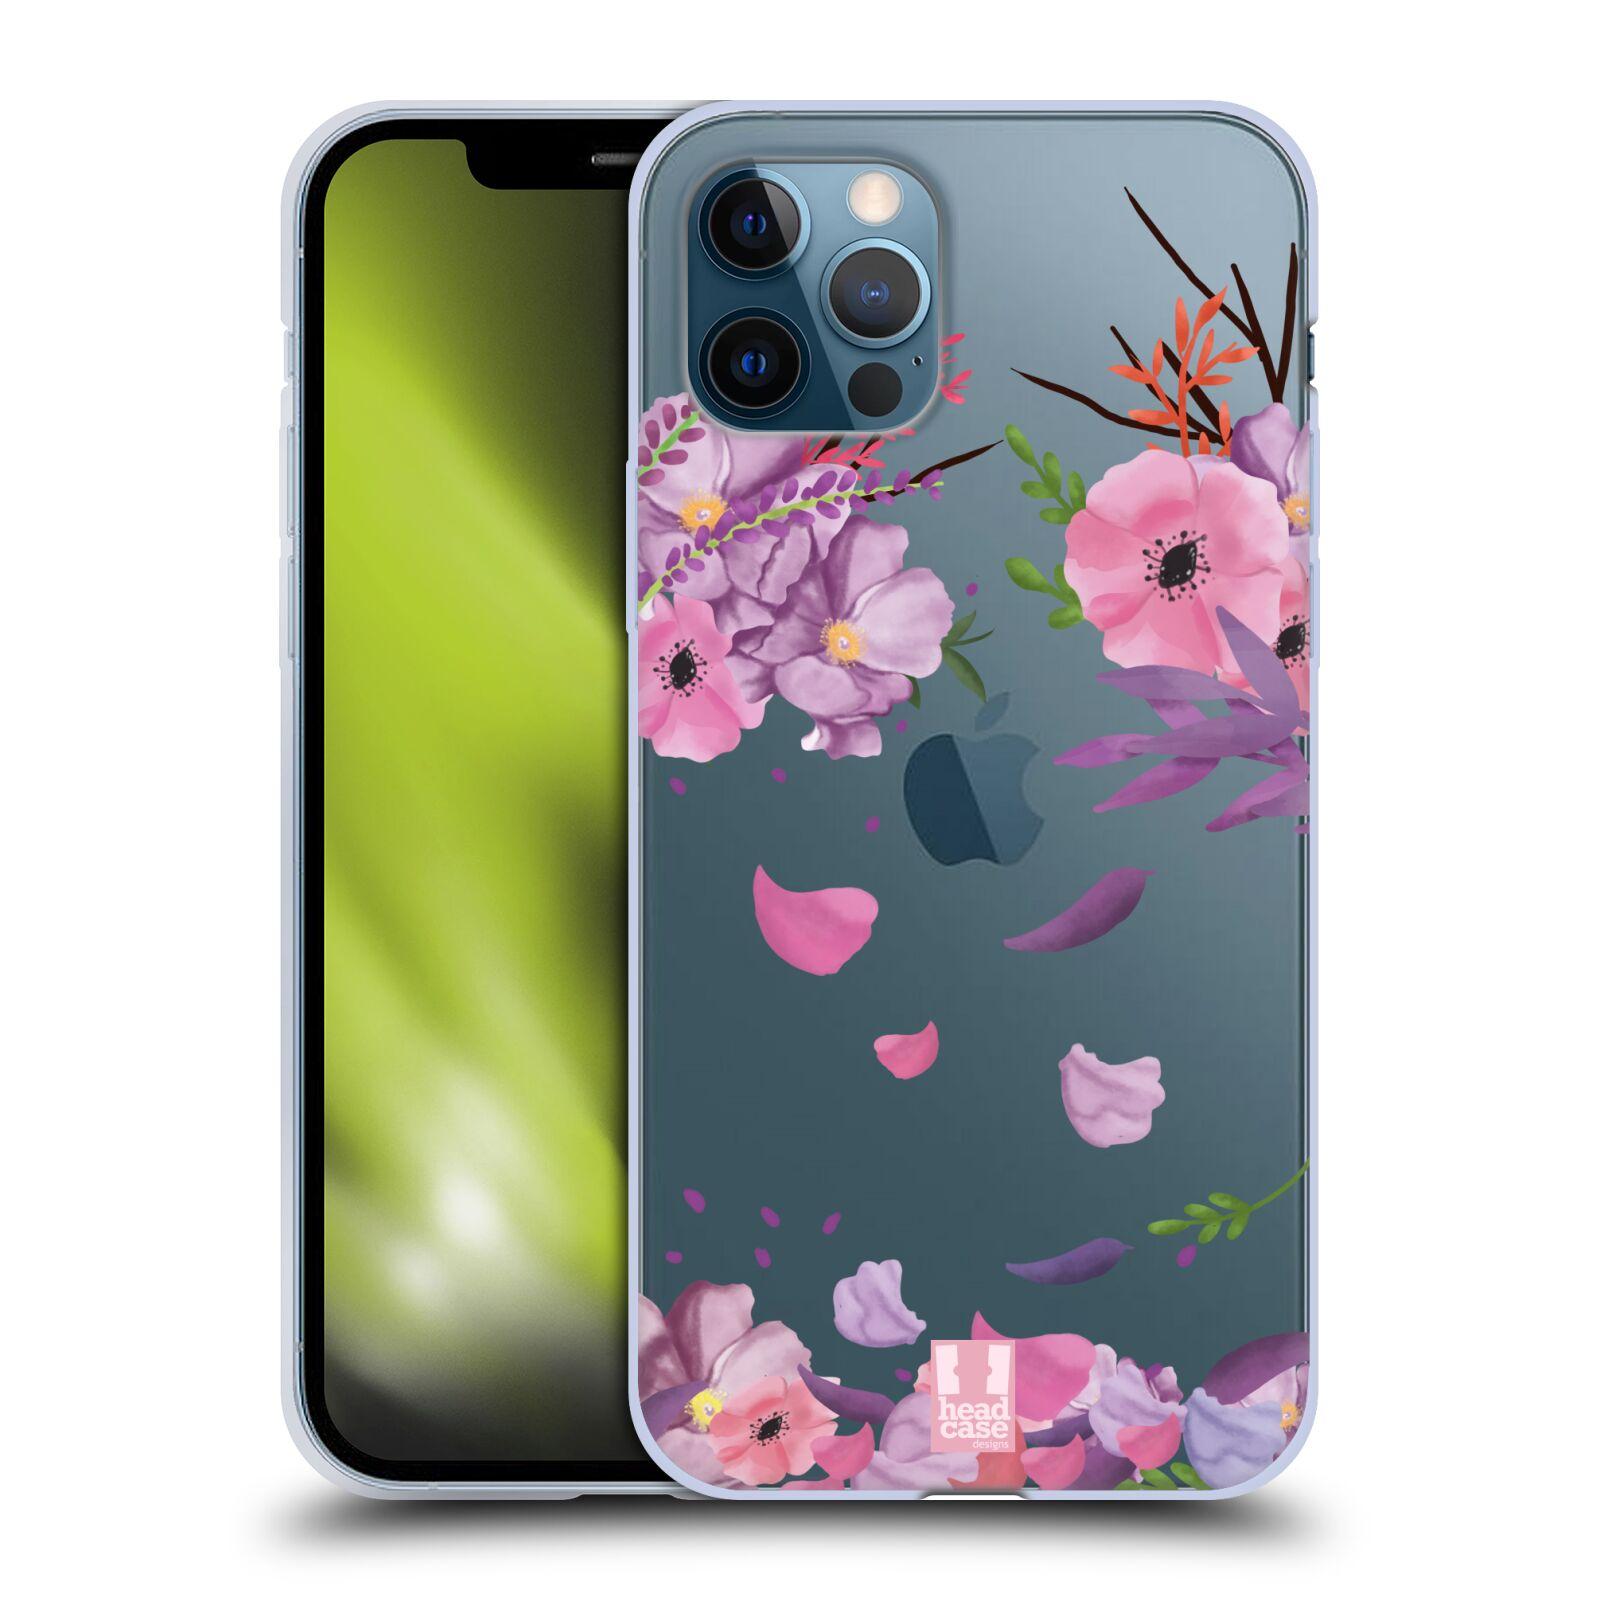 Silikonové pouzdro na mobil Apple iPhone 12 / 12 Pro - Head Case - Okvětní lístky